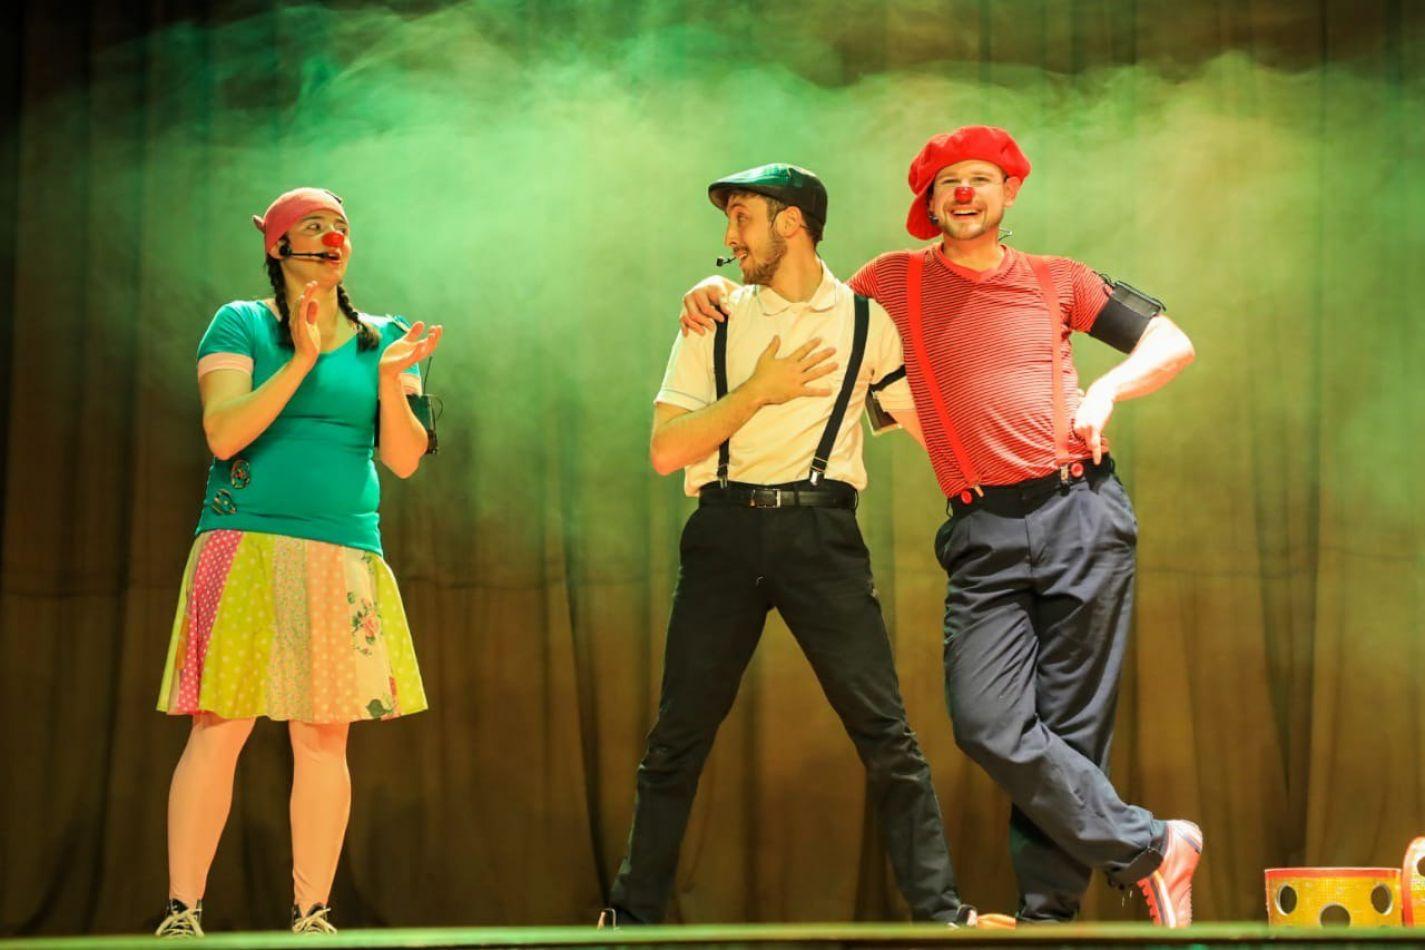 """Show de Clown y Circo de """"Lala, Fito y Tito"""", a cargo del grupo """"Rueda de la Bicicleta"""", un espectáculo de malabares, acrobacia y equilibrio."""